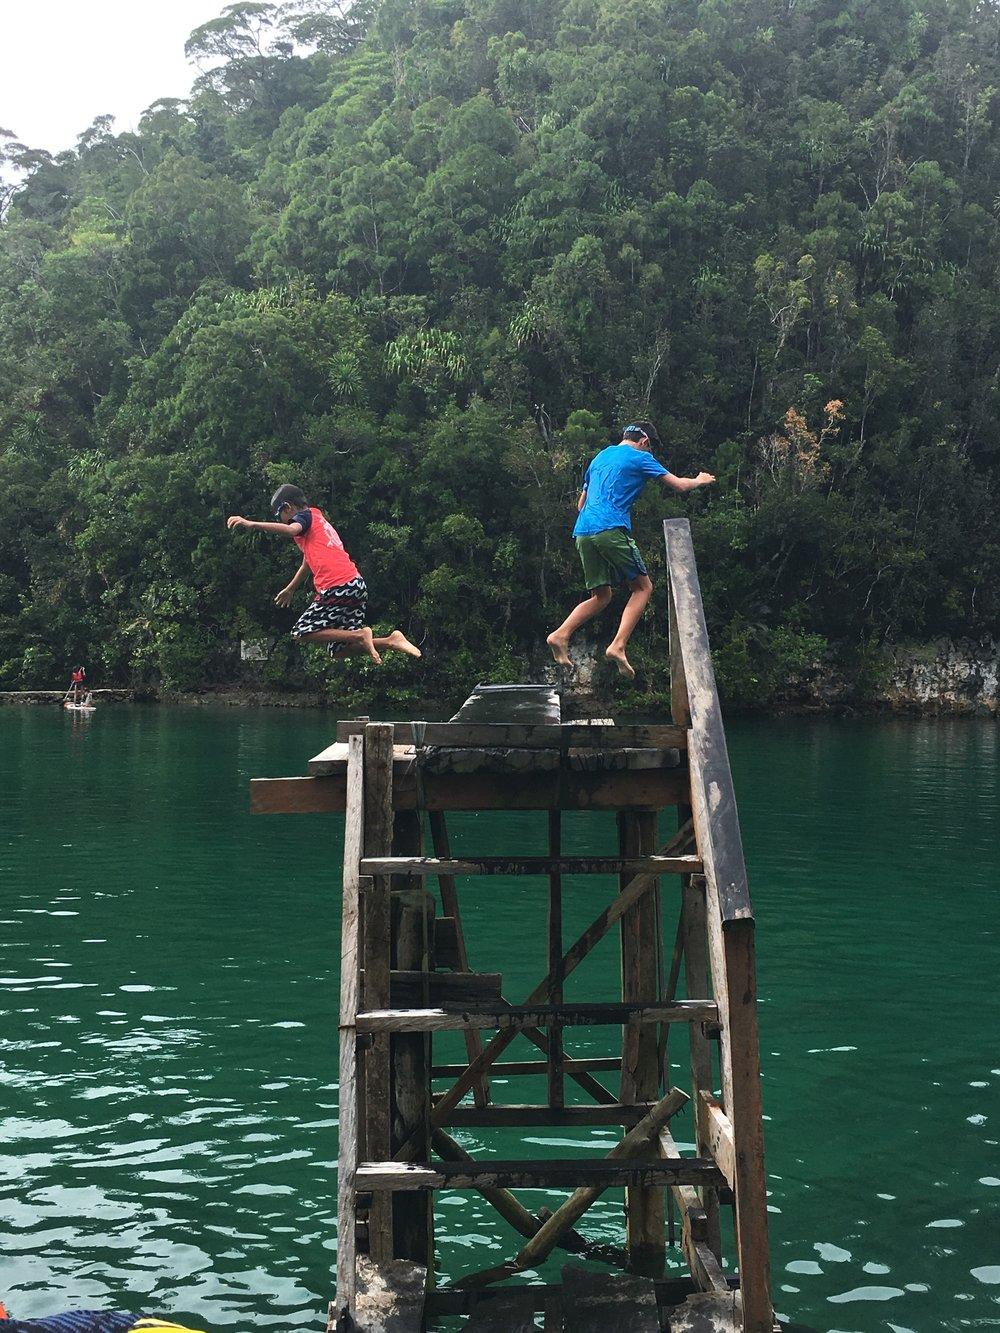 The diving board at Sugba Lagoon